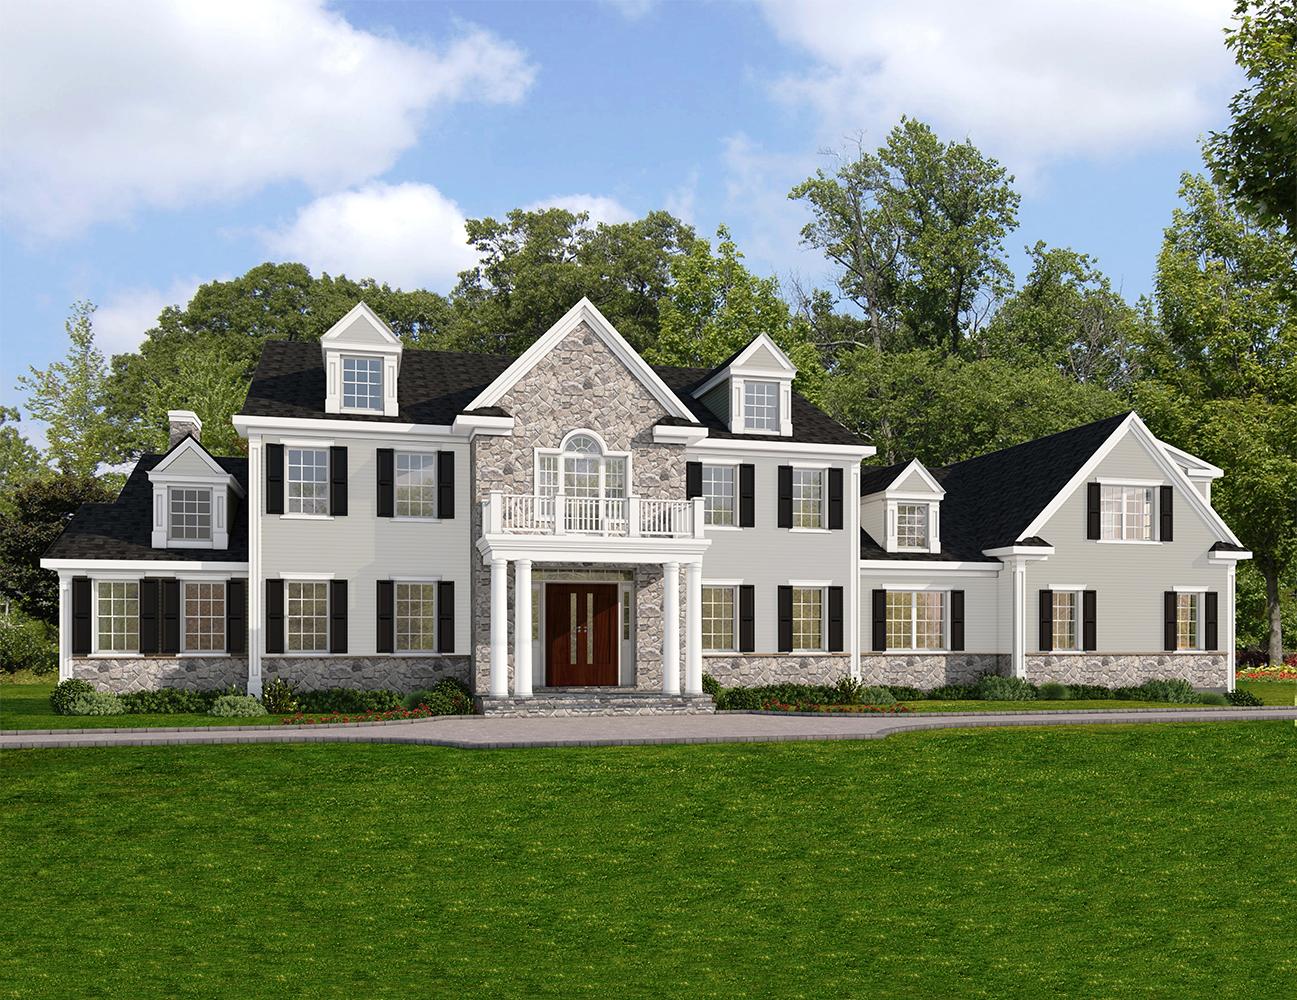 Casa para uma família para Venda às Magnificent 3 Century Trail Harrison, Nova York 10528 Estados Unidos